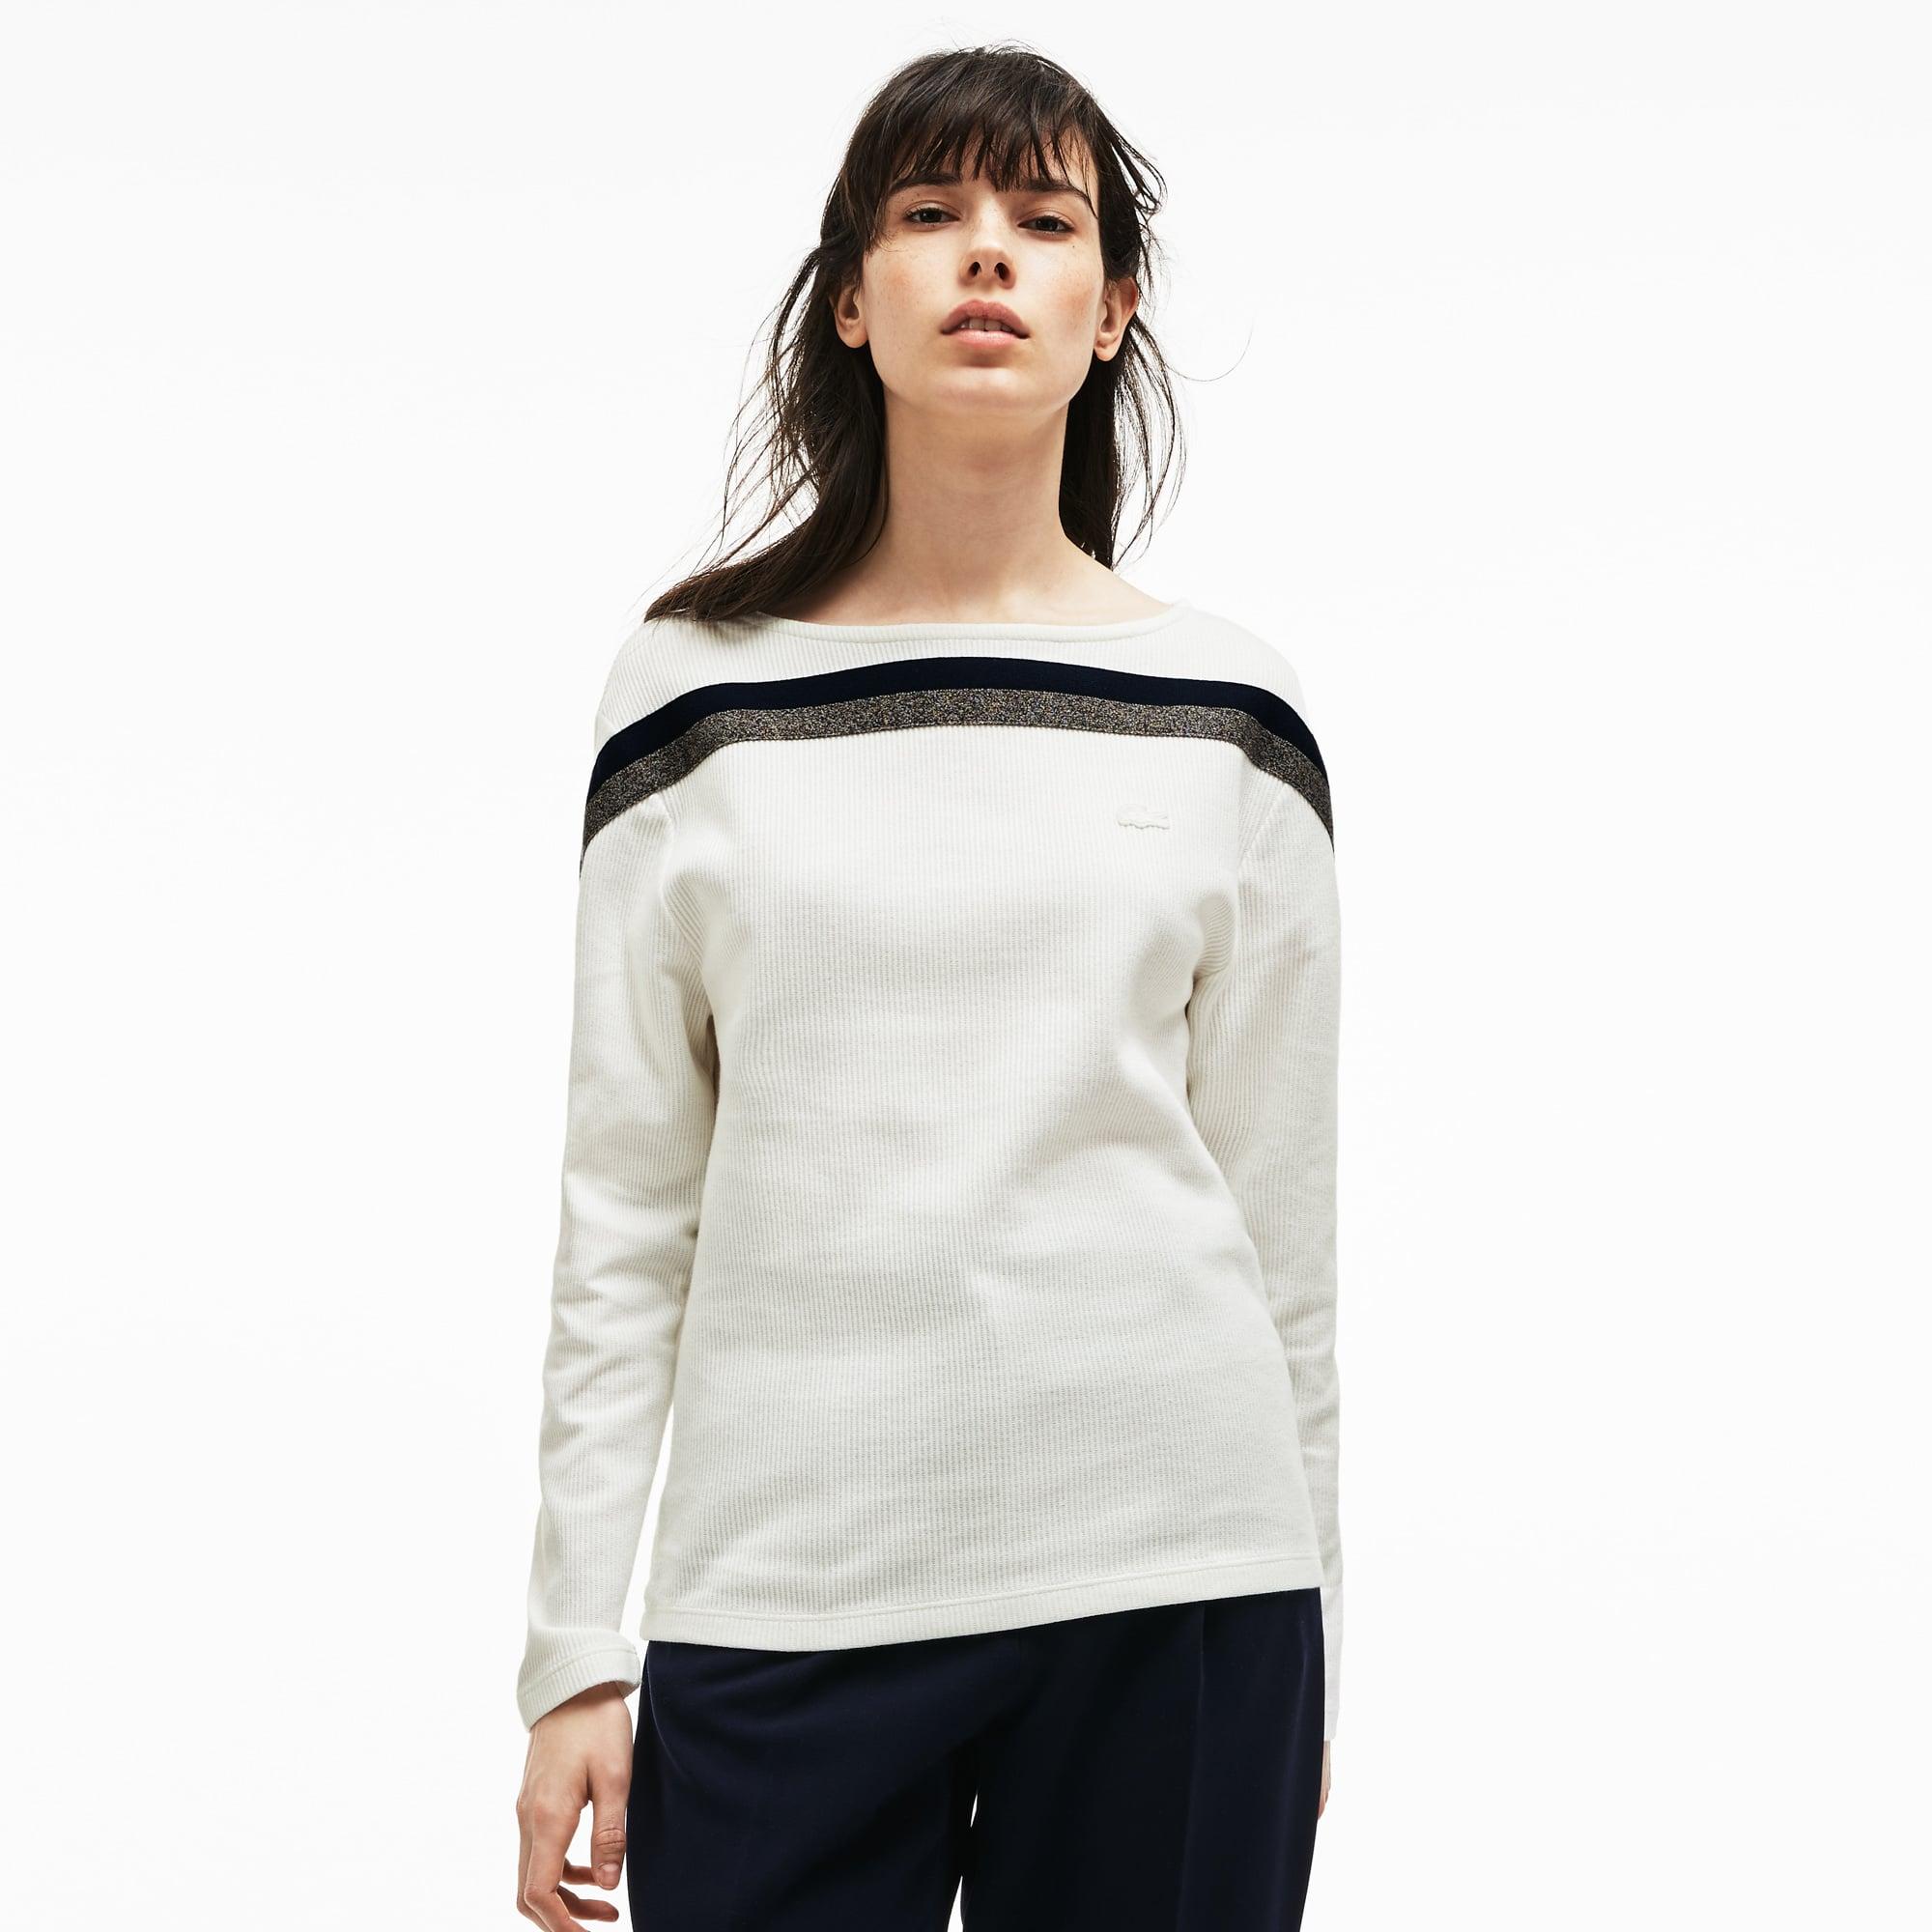 Damen MADE IN FRANCE Baumwoll-Sweatshirt mit U-Boot-Ausschnitt